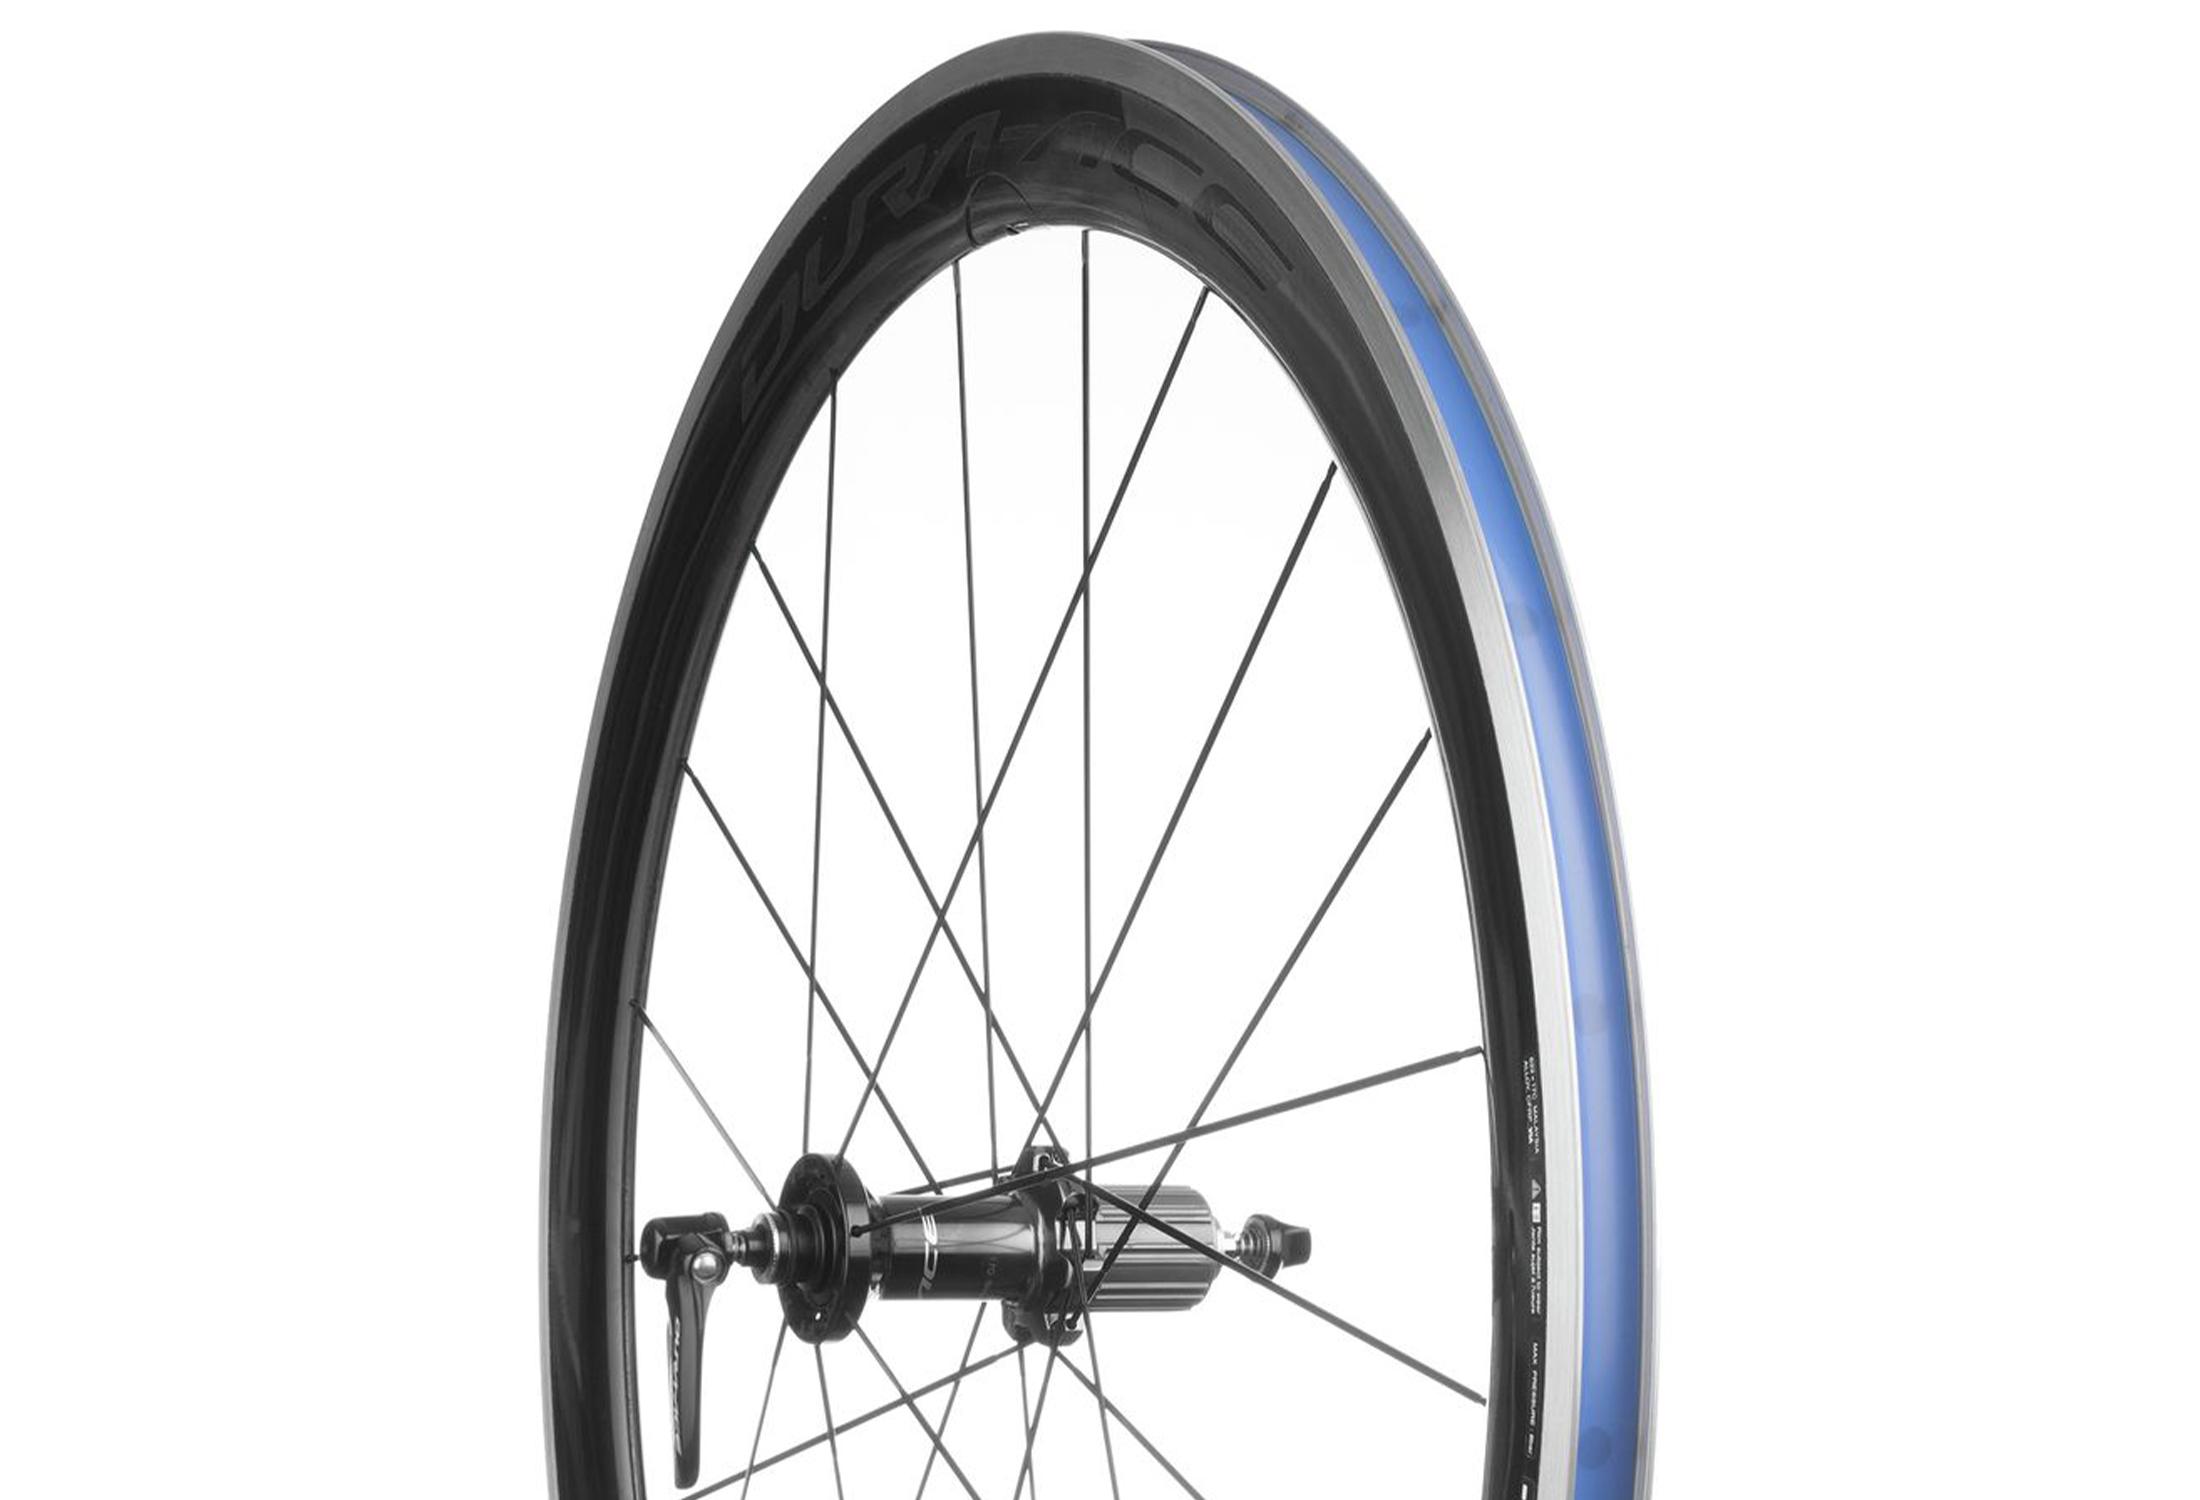 shimano dura ace 9100 wheels